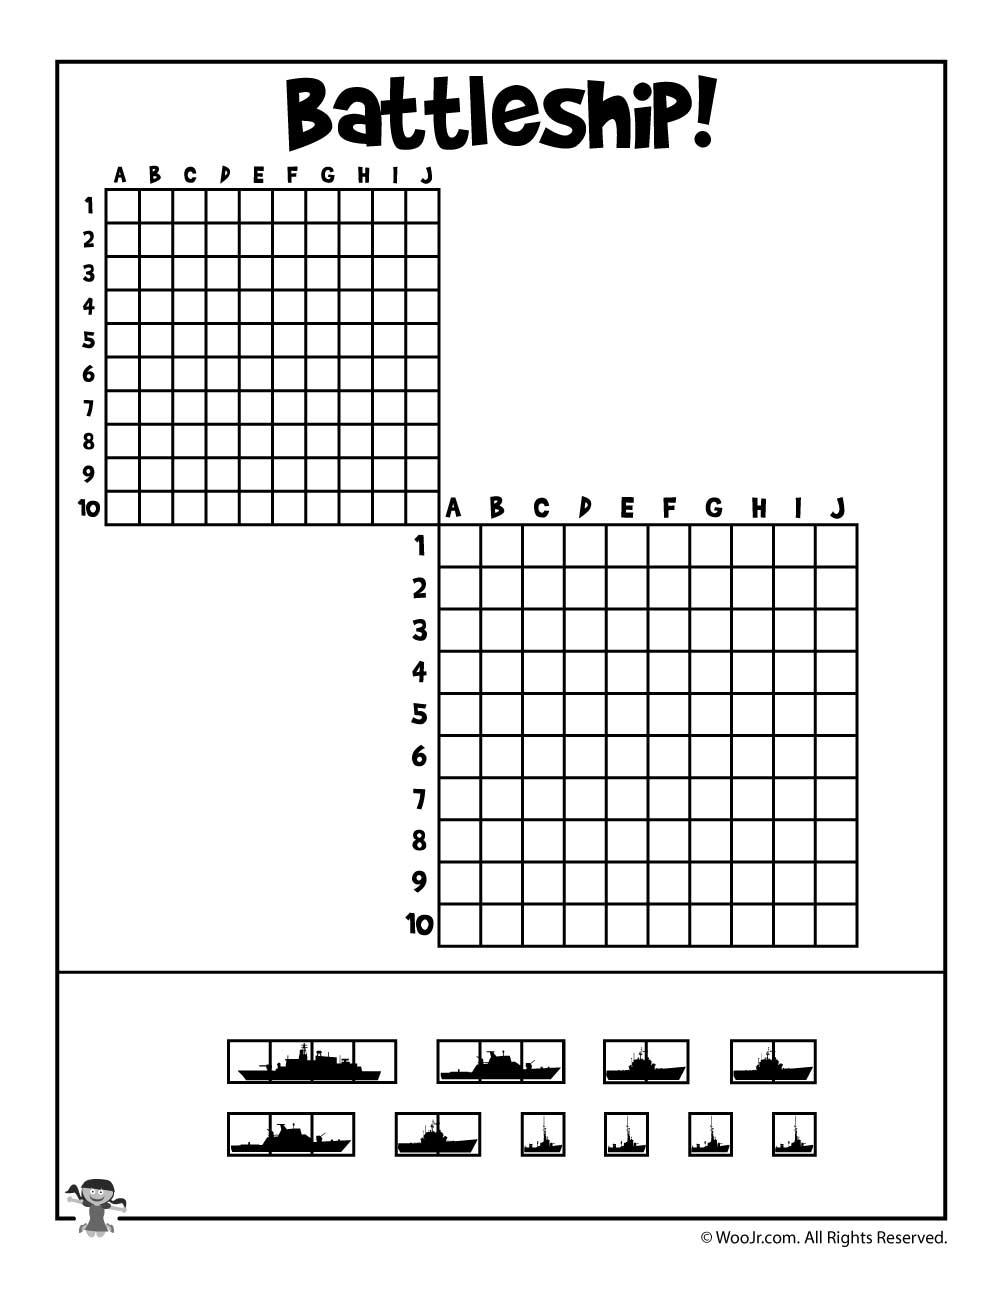 Printable Battleship Game | Woo! Jr. Kids Activities - Printable Battleship Puzzles